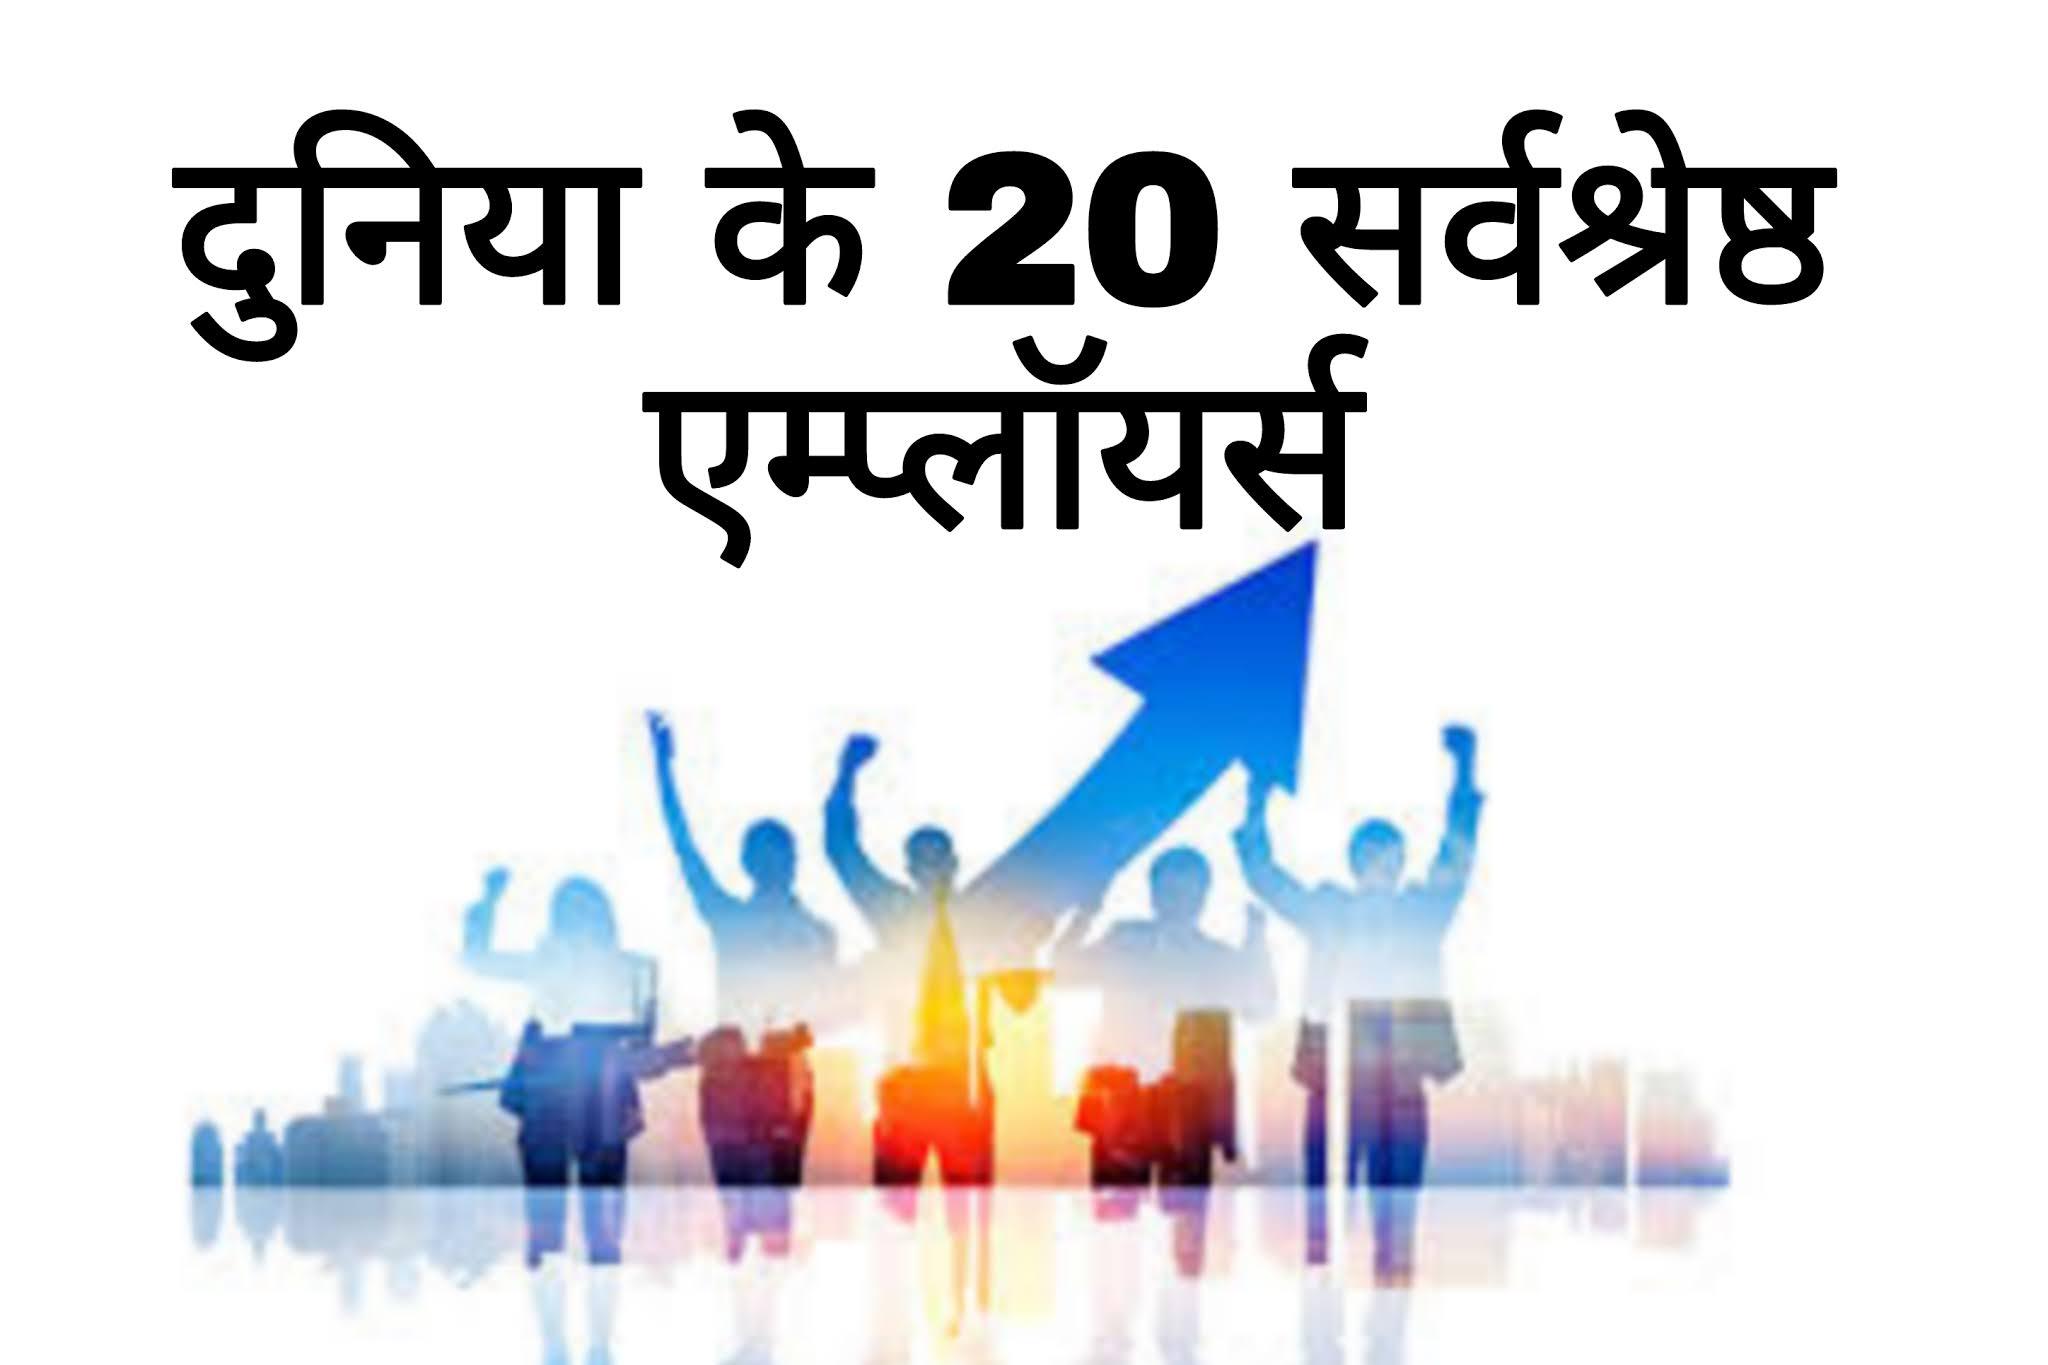 फोर्ब्स (Forbes), मार्केट रिसर्च फर्म (Market Research Firm) के साथ साझेदारी में, सर्वश्रेष्ठ वैश्विक नियोक्ता 2020 की वार्षिक सूची जारी की है। आइए इस लेख के माध्यम से फोर्ब्स वर्ल्ड बेस्ट एम्प्लॉयर 2020 सूची के बारे में जानिए।